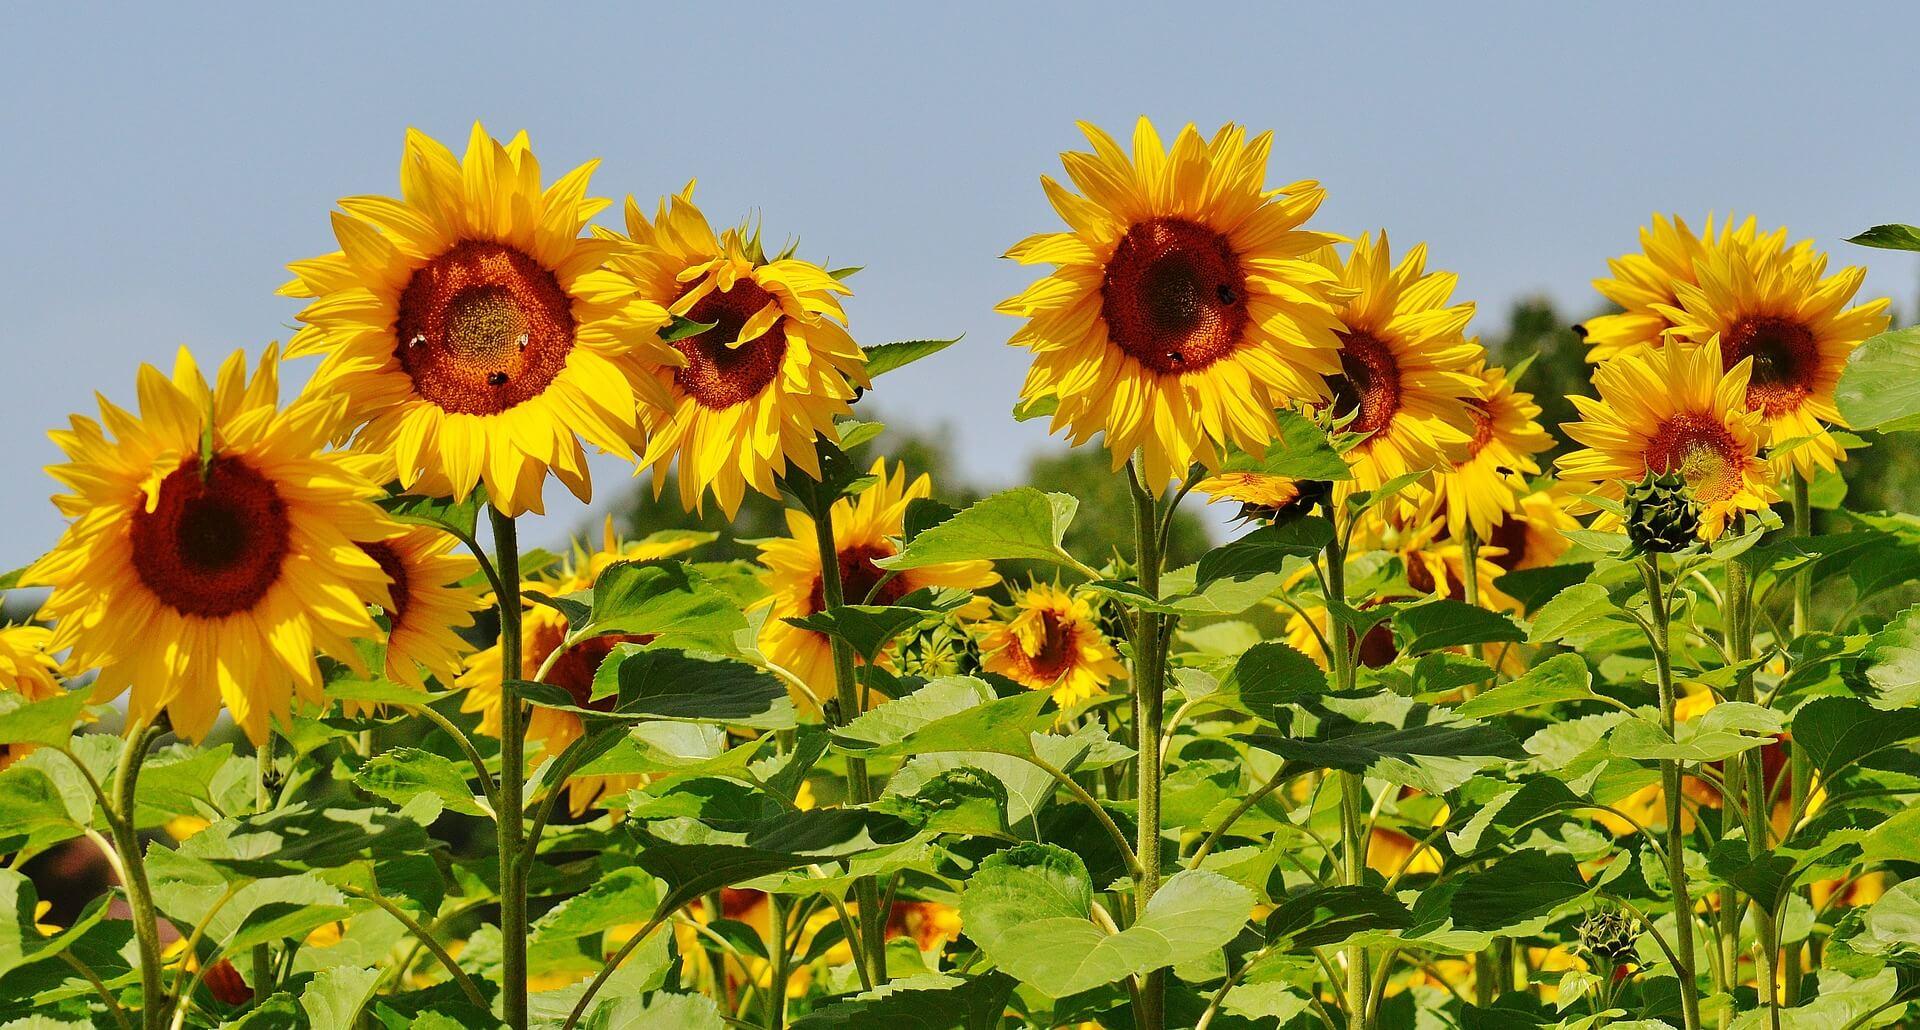 Gambar Tumbuhan Dikotil Bunga Matahari